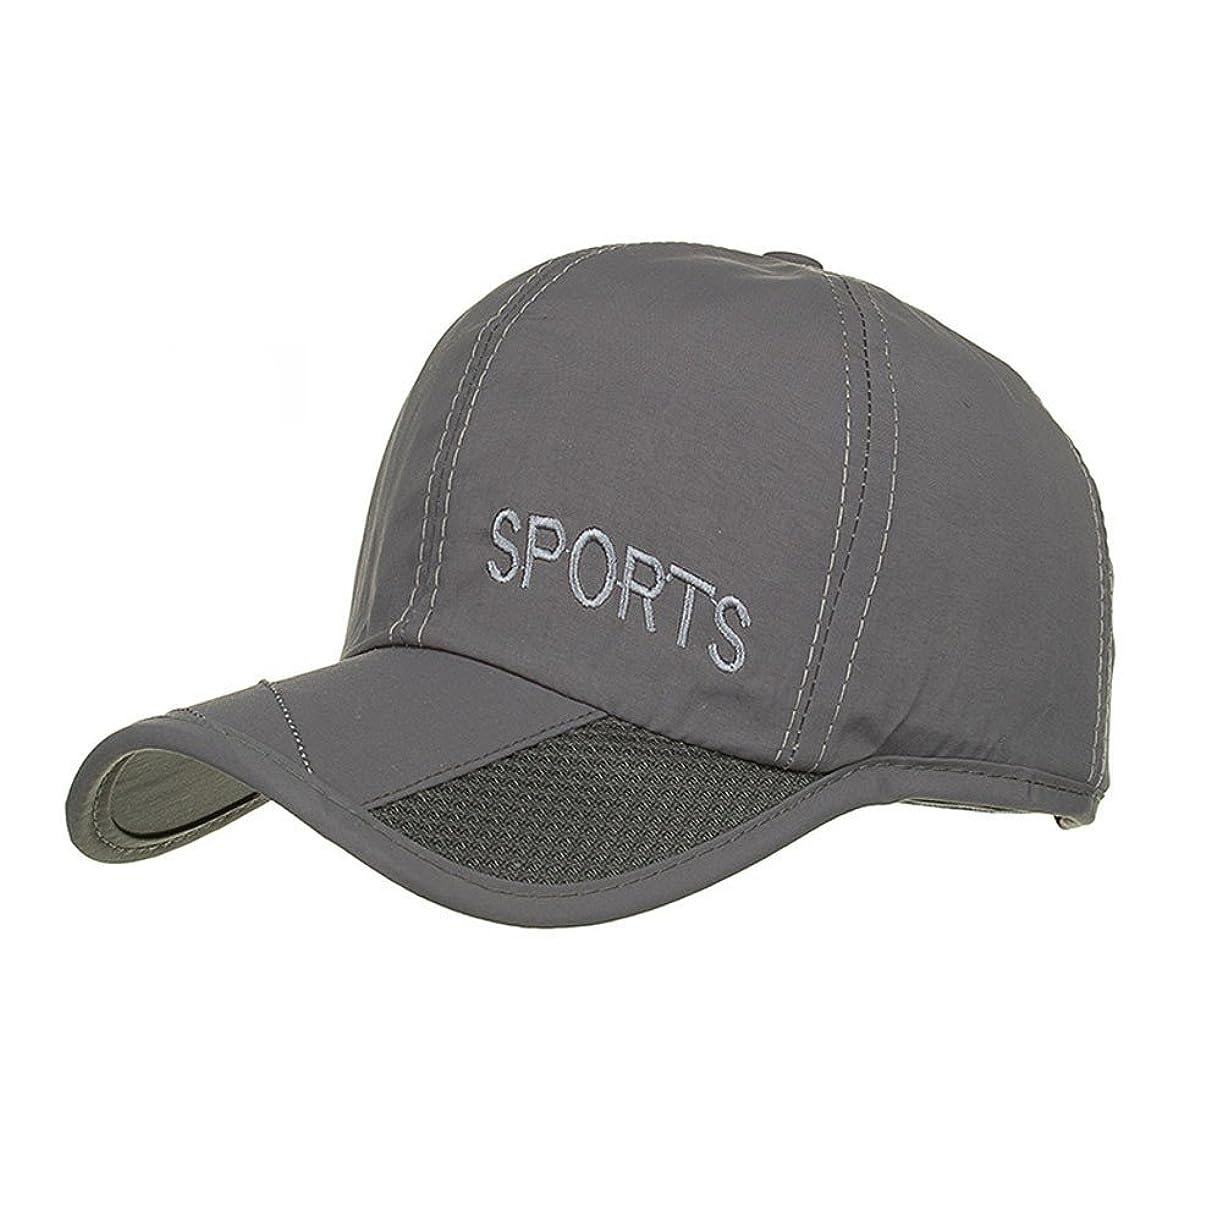 運命化学そこからRacazing Cap 男女兼用 野球帽 夏 登山 通気性のある メッシュ 帽子 ベルクロ 可調整可能 刺繍 棒球帽 UV 帽子 軽量 屋外 Unisex Hat (グレー)